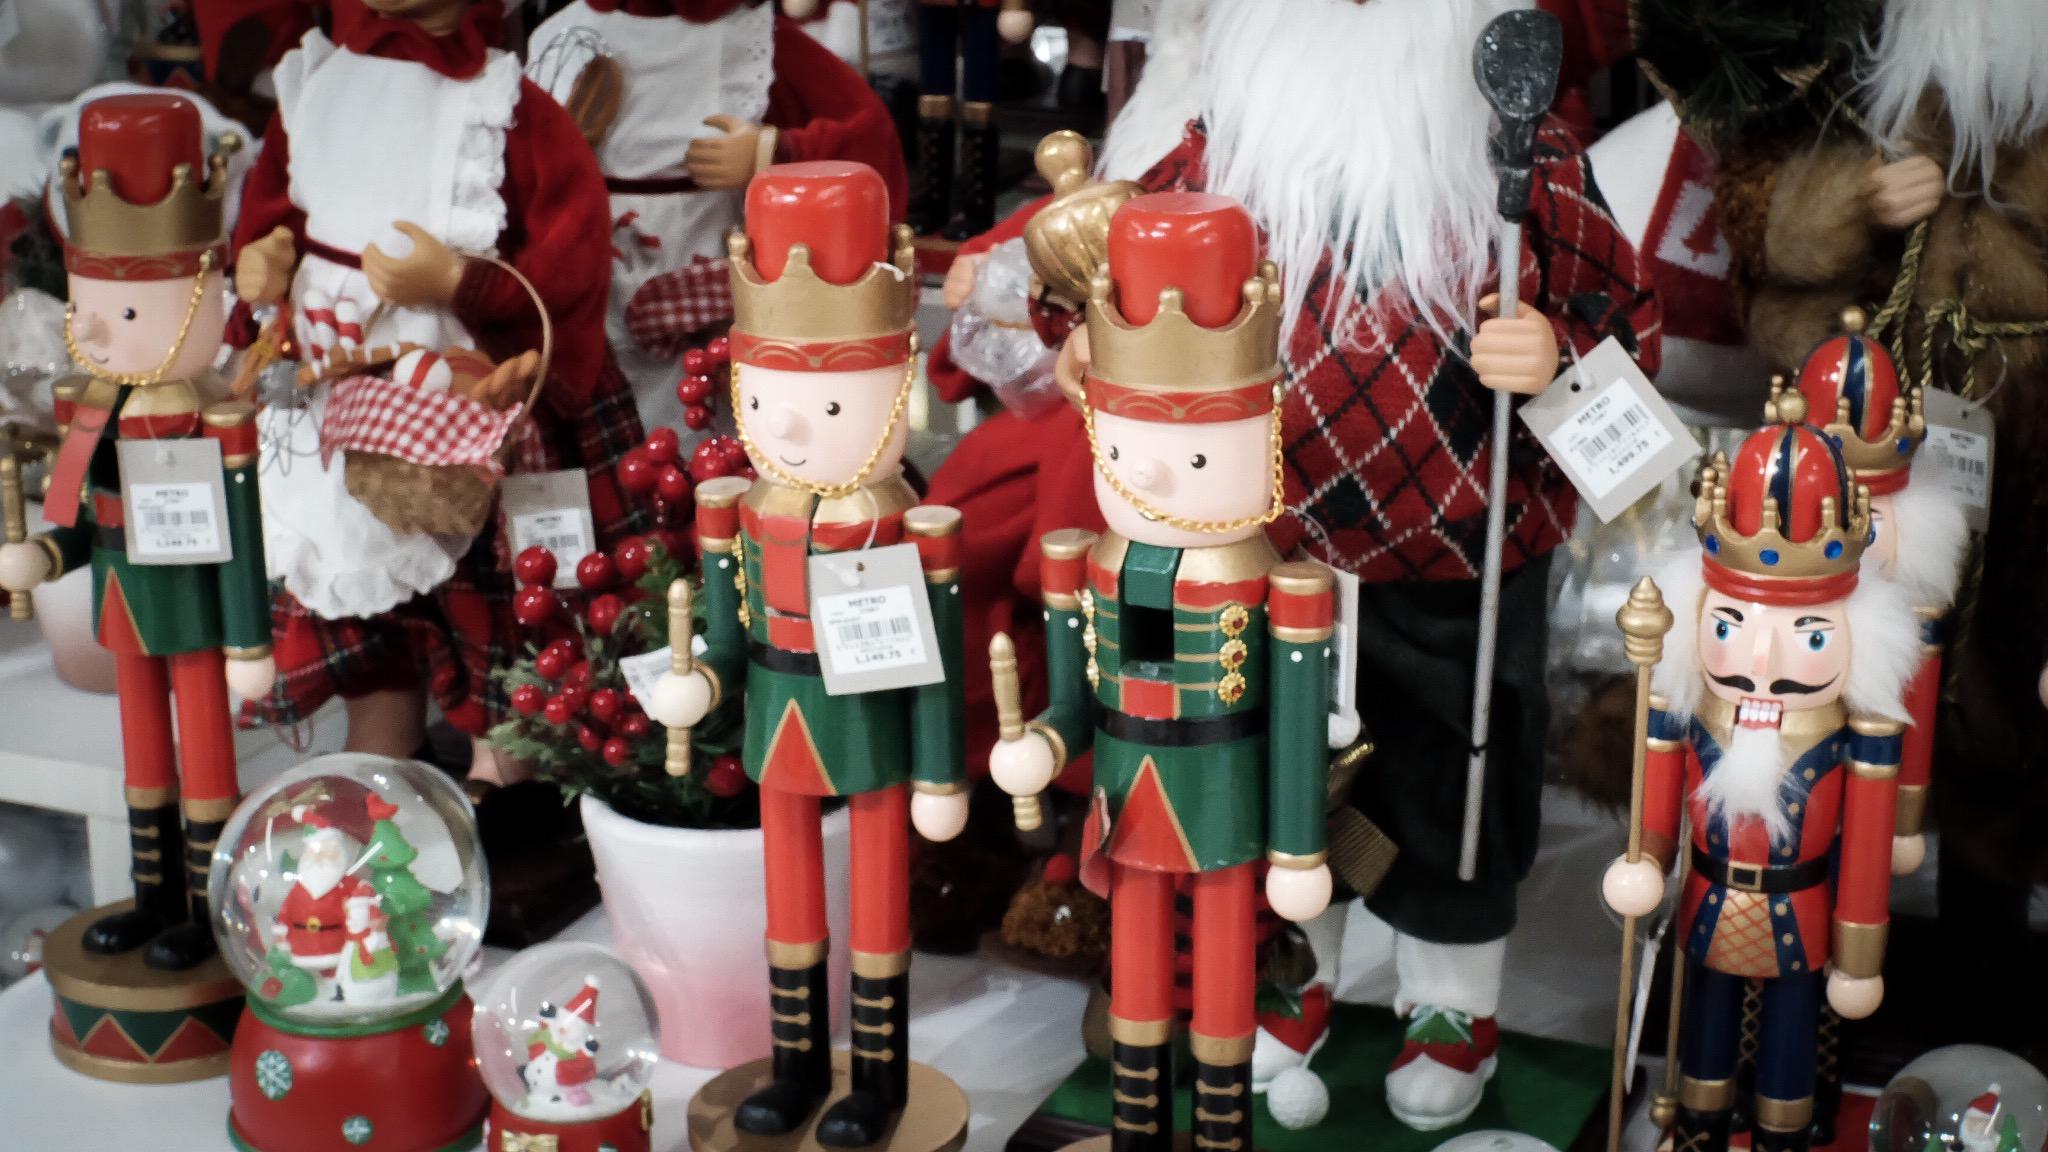 iamkimcharlie-metro-pre-christmas-sale-09-The-Metro-Stores